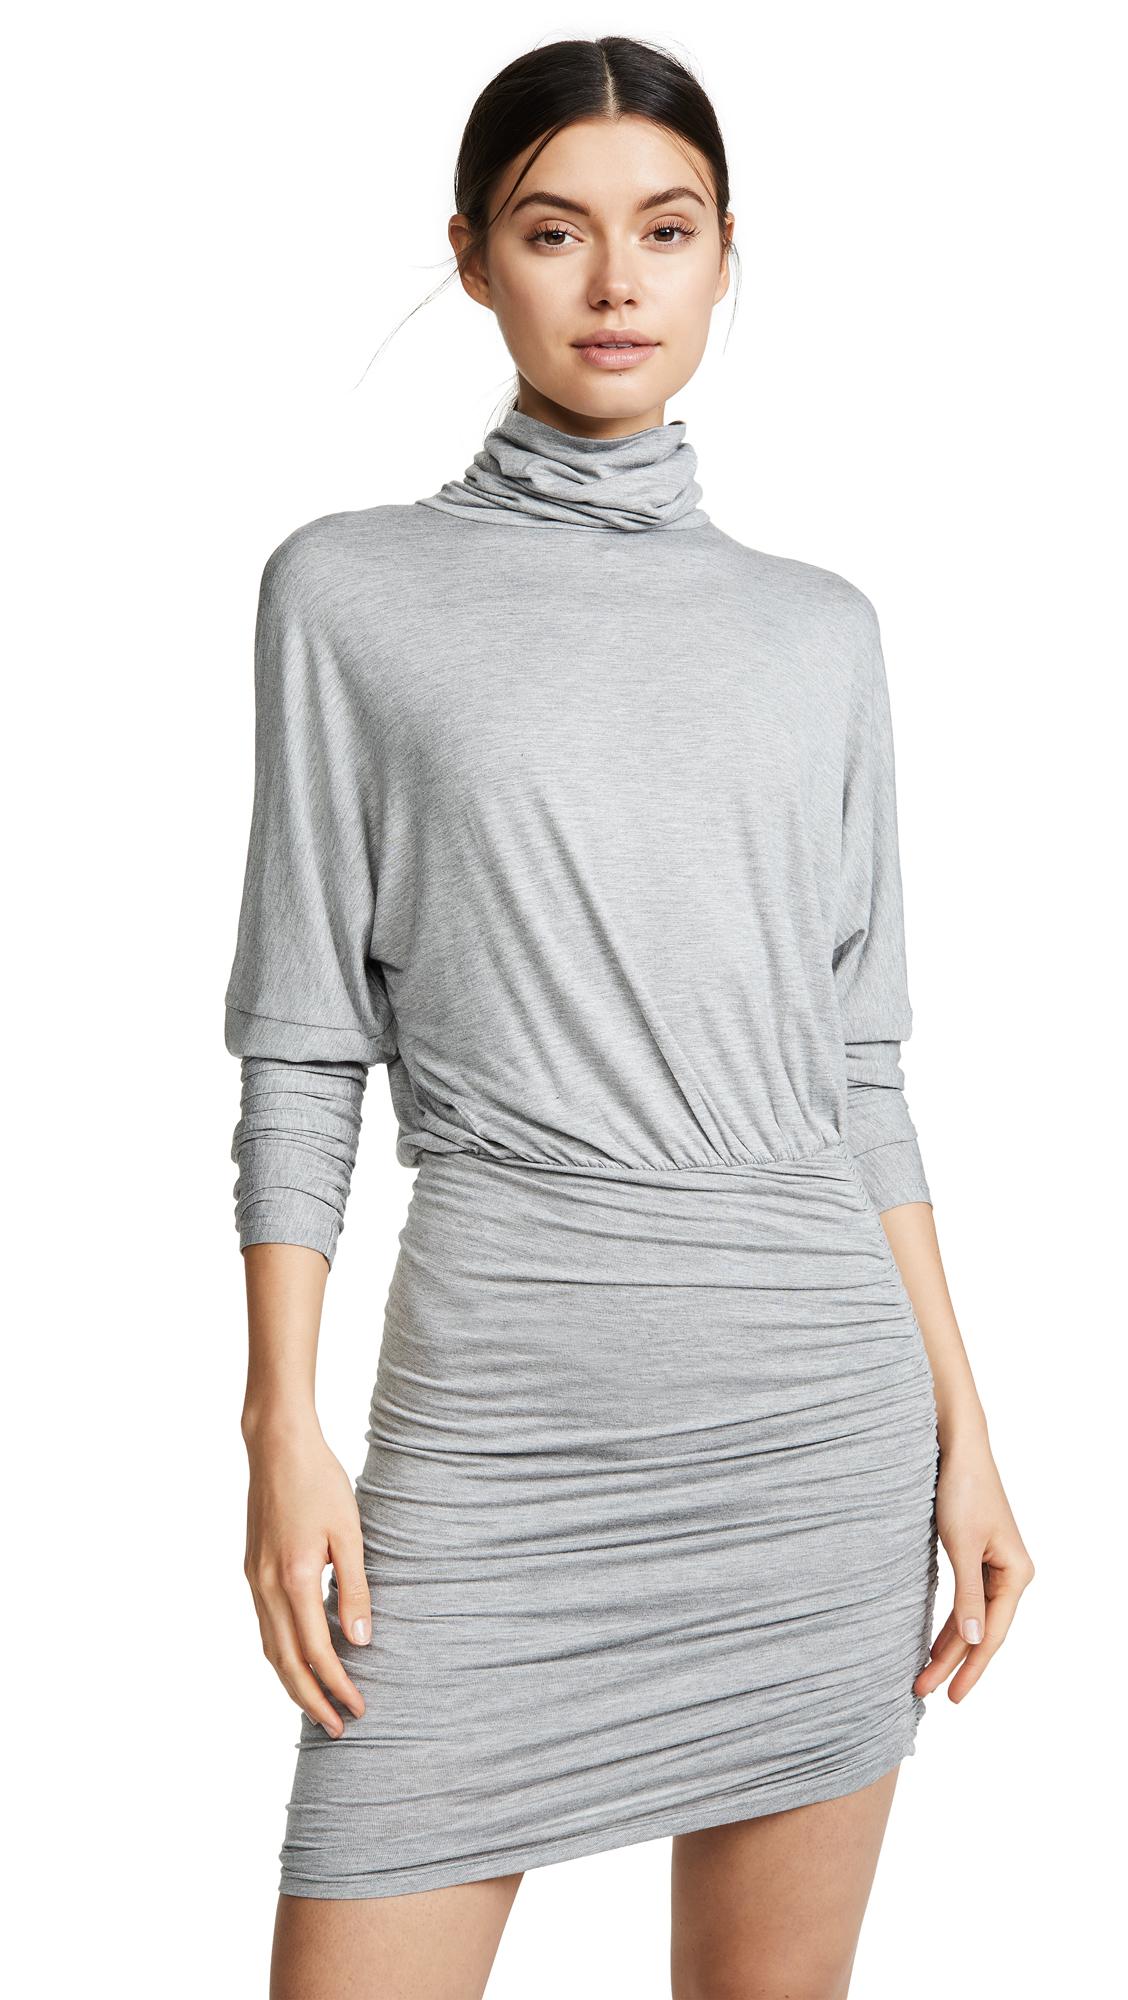 Veronica Beard Jean Manda Dress - Heather Gray